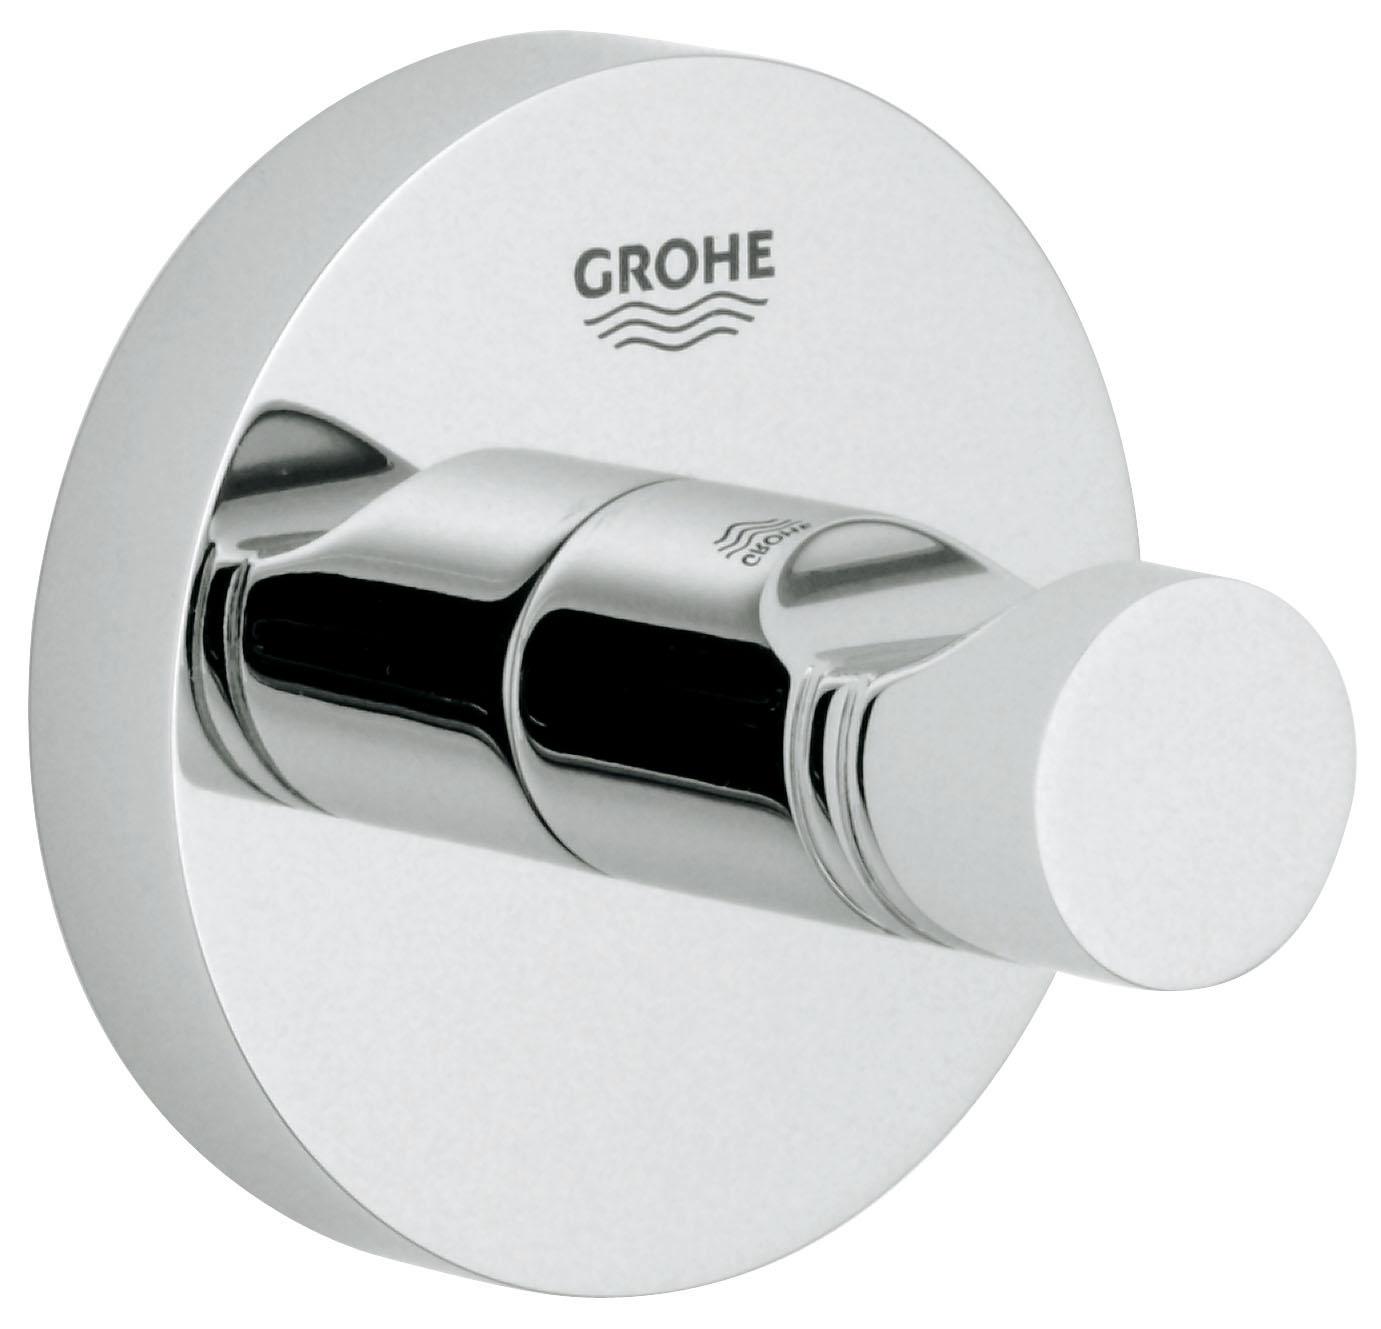 Крючок для банного халата Grohe Essentials40364000С помощью прочного и стильного крючка для банного халата GROHE Essentials у вашего уютного банного халата появится в ванной комнате свое почетное место, где вы всегда сможете его найти, как только он вам потребуется. Этот аксессуар с элегантным хромированным покрытием станет завершающим штрихом в интерьере ванной комнаты. Особенности GROHE StarLight хромированная поверхность